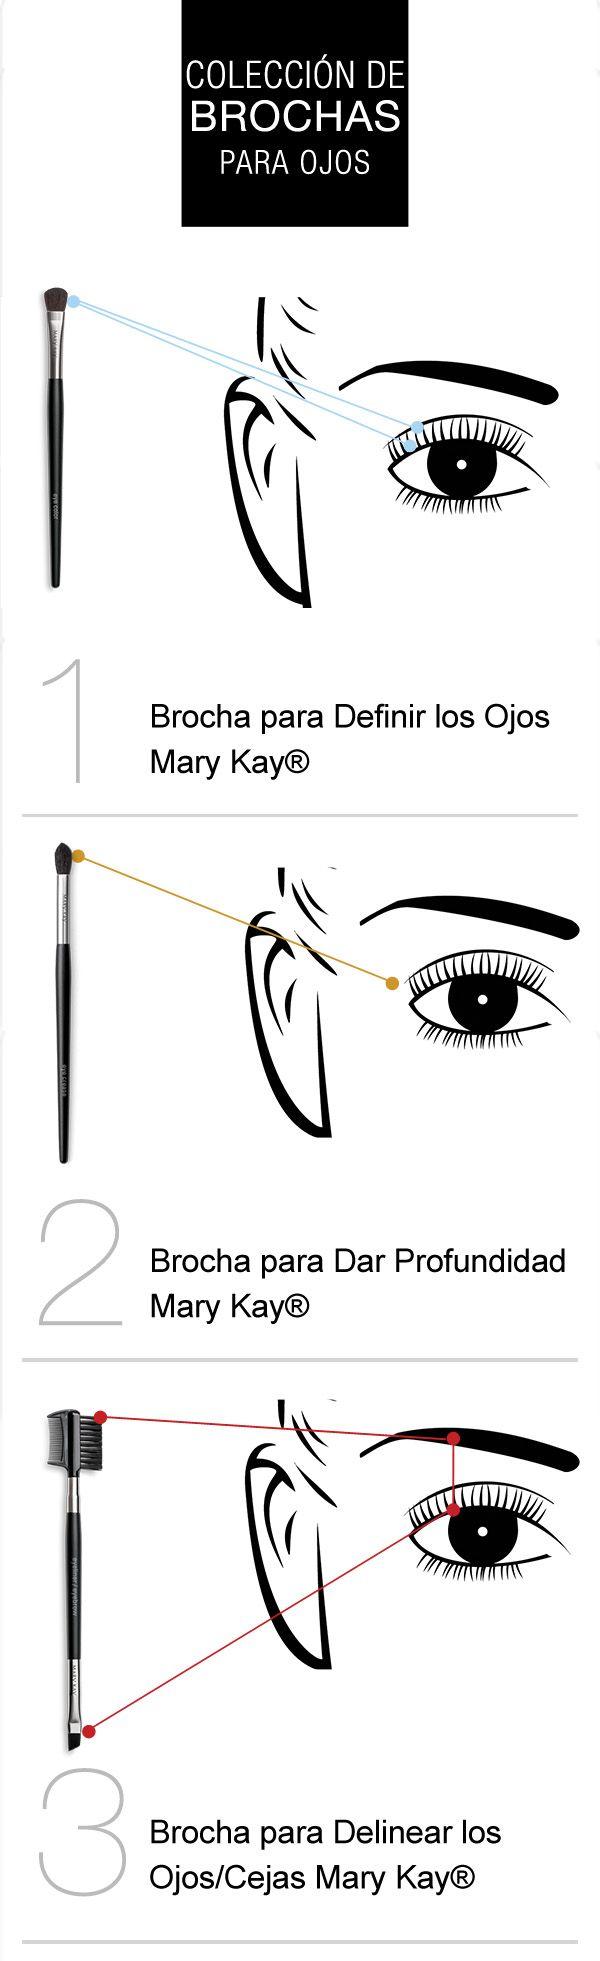 Para unos looks de ojos dignos de una profesional, asegúrate de utilizar las brochas adecuadas y acuérdate de que difuminar es primordial. www.marykay.com.mx/almareza #marykaydfsur Facebook/Ilumina tu Belleza con Mary Kay